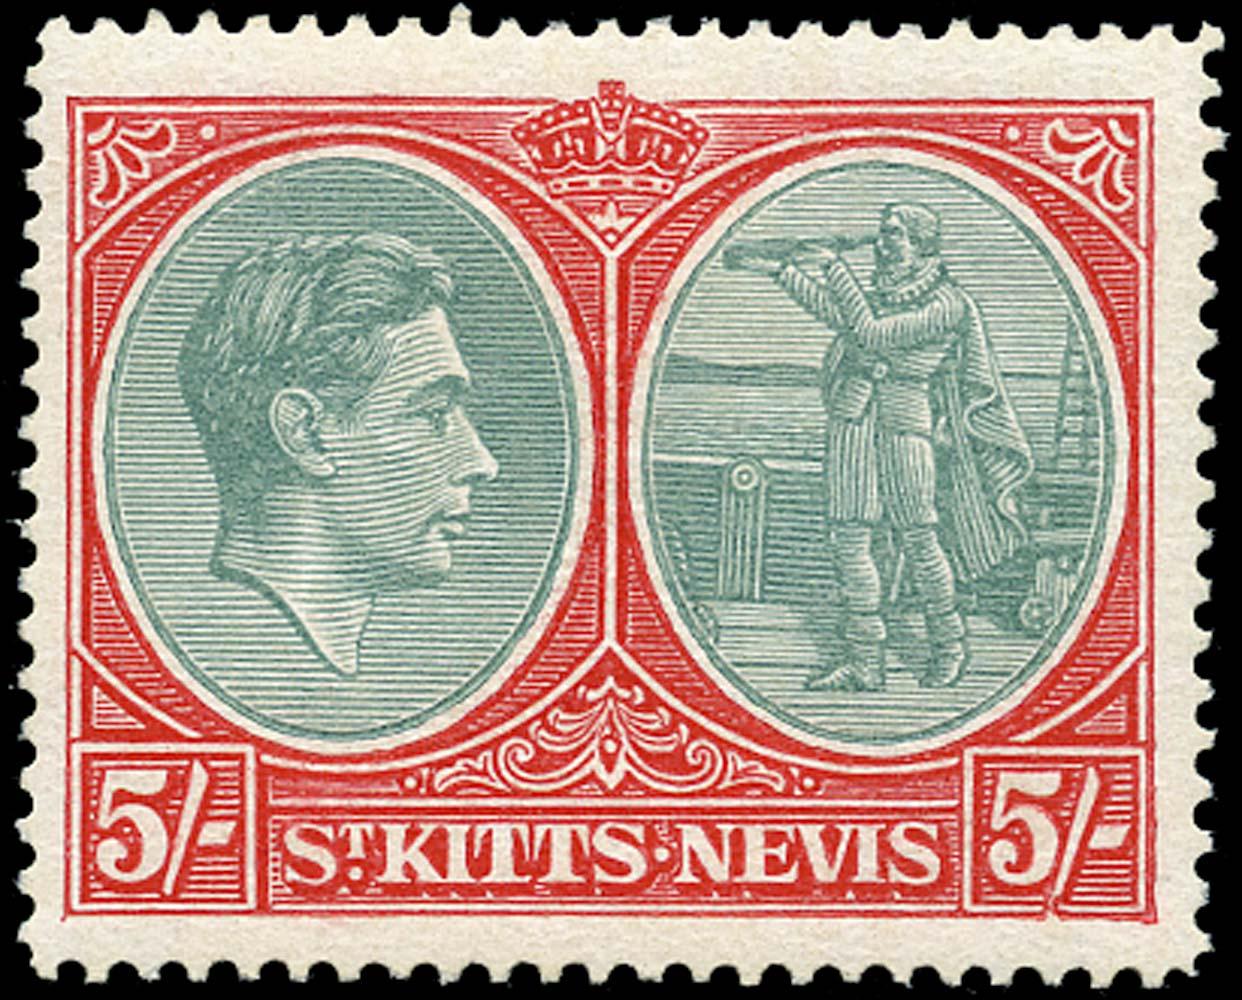 ST KITTS NEVIS 1945  SG77ba Mint 5s ord paper variety Break in value tablet